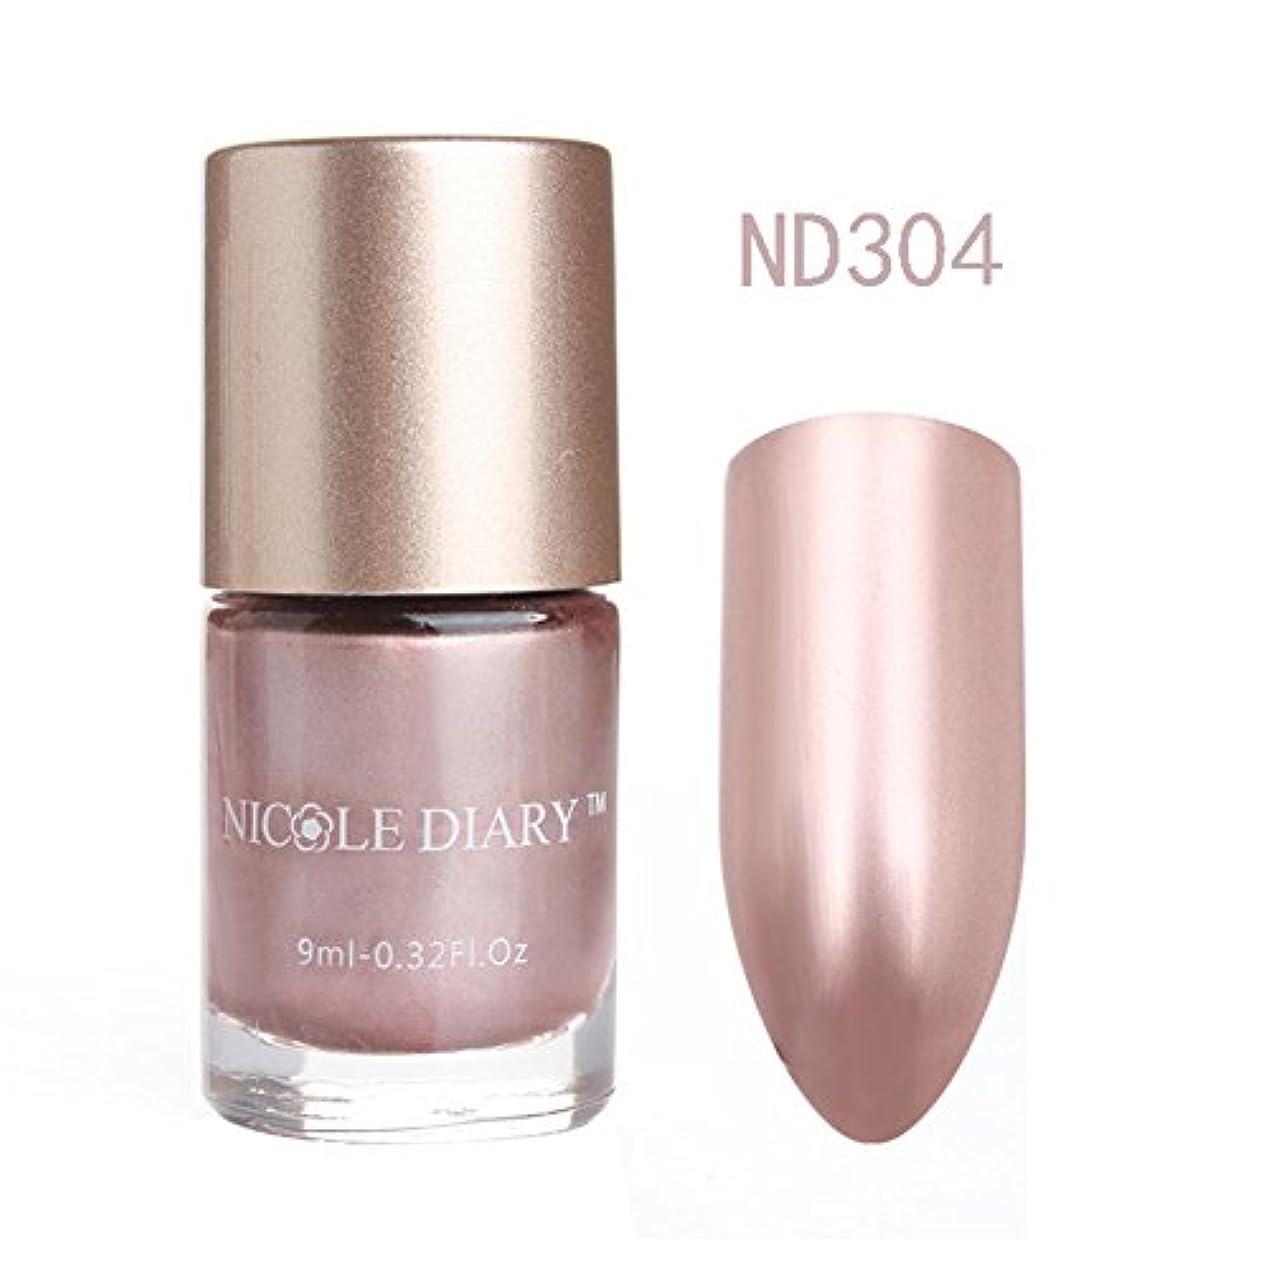 9ml NICOLE DIARY メタルネイルポリッシュミラーパウダー効果キラキラメタルポリッシュ 5色 (Color:ND304)